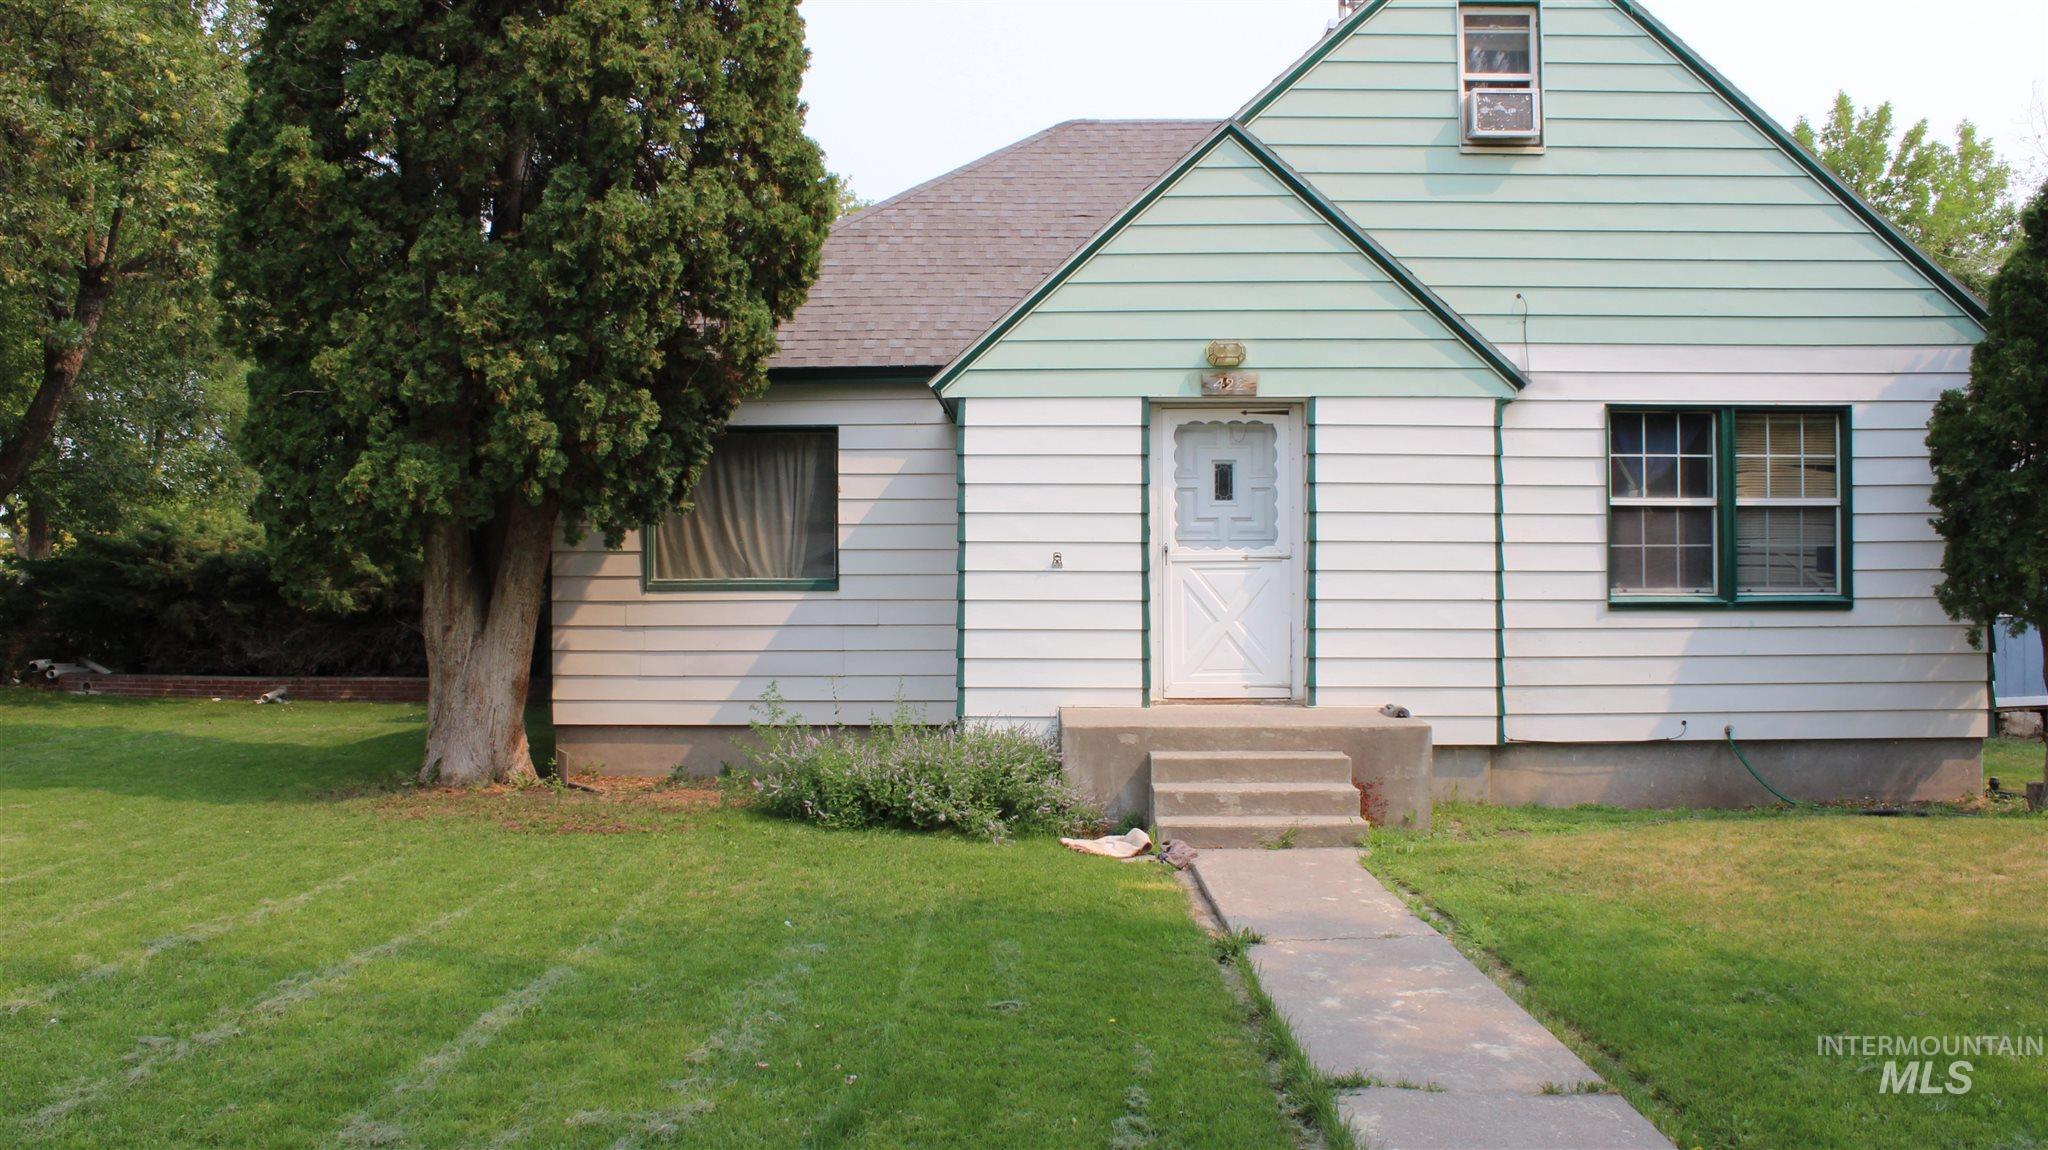 422 E Ave A Property Photo